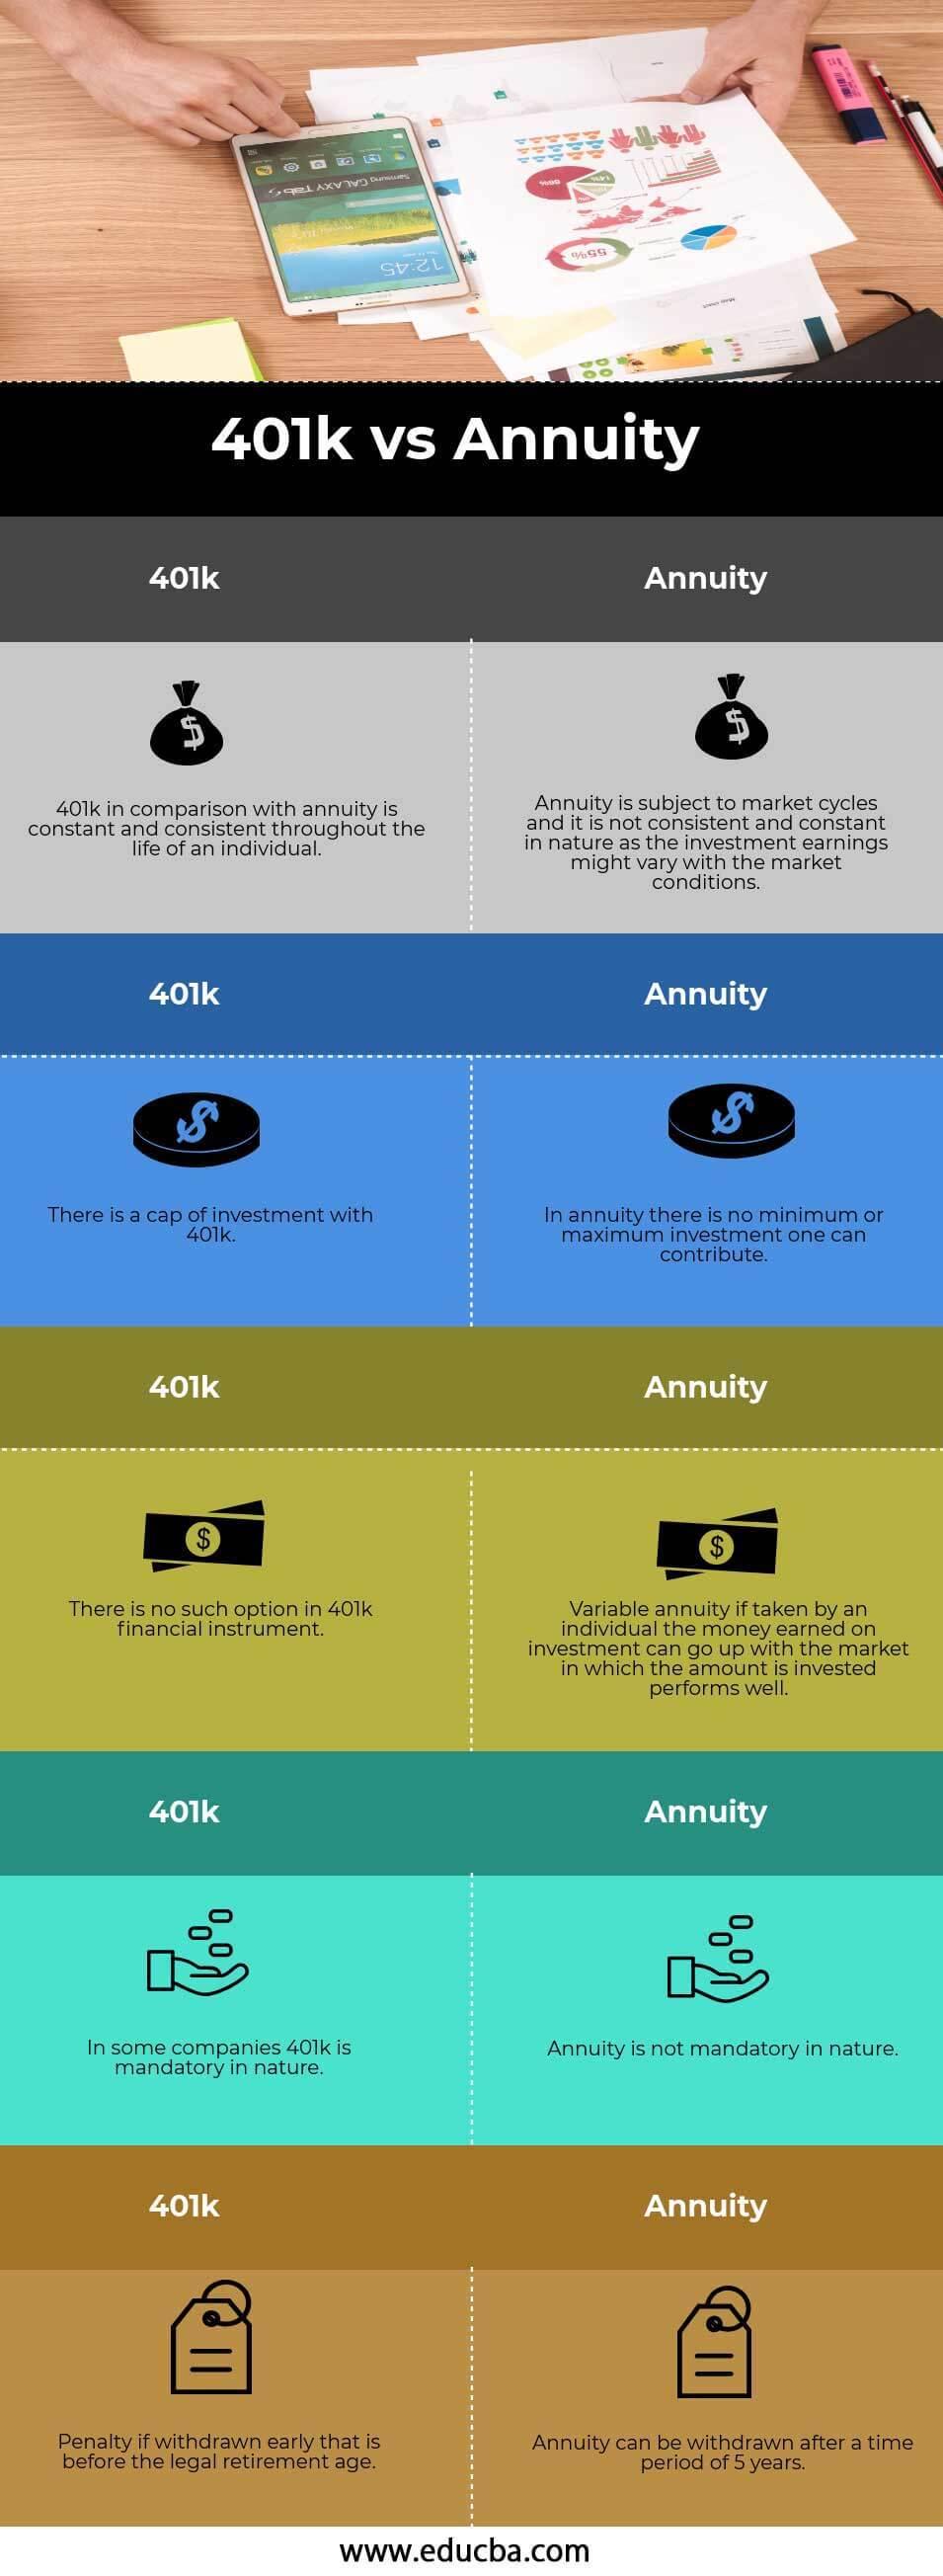 401k vs Annuity Infography